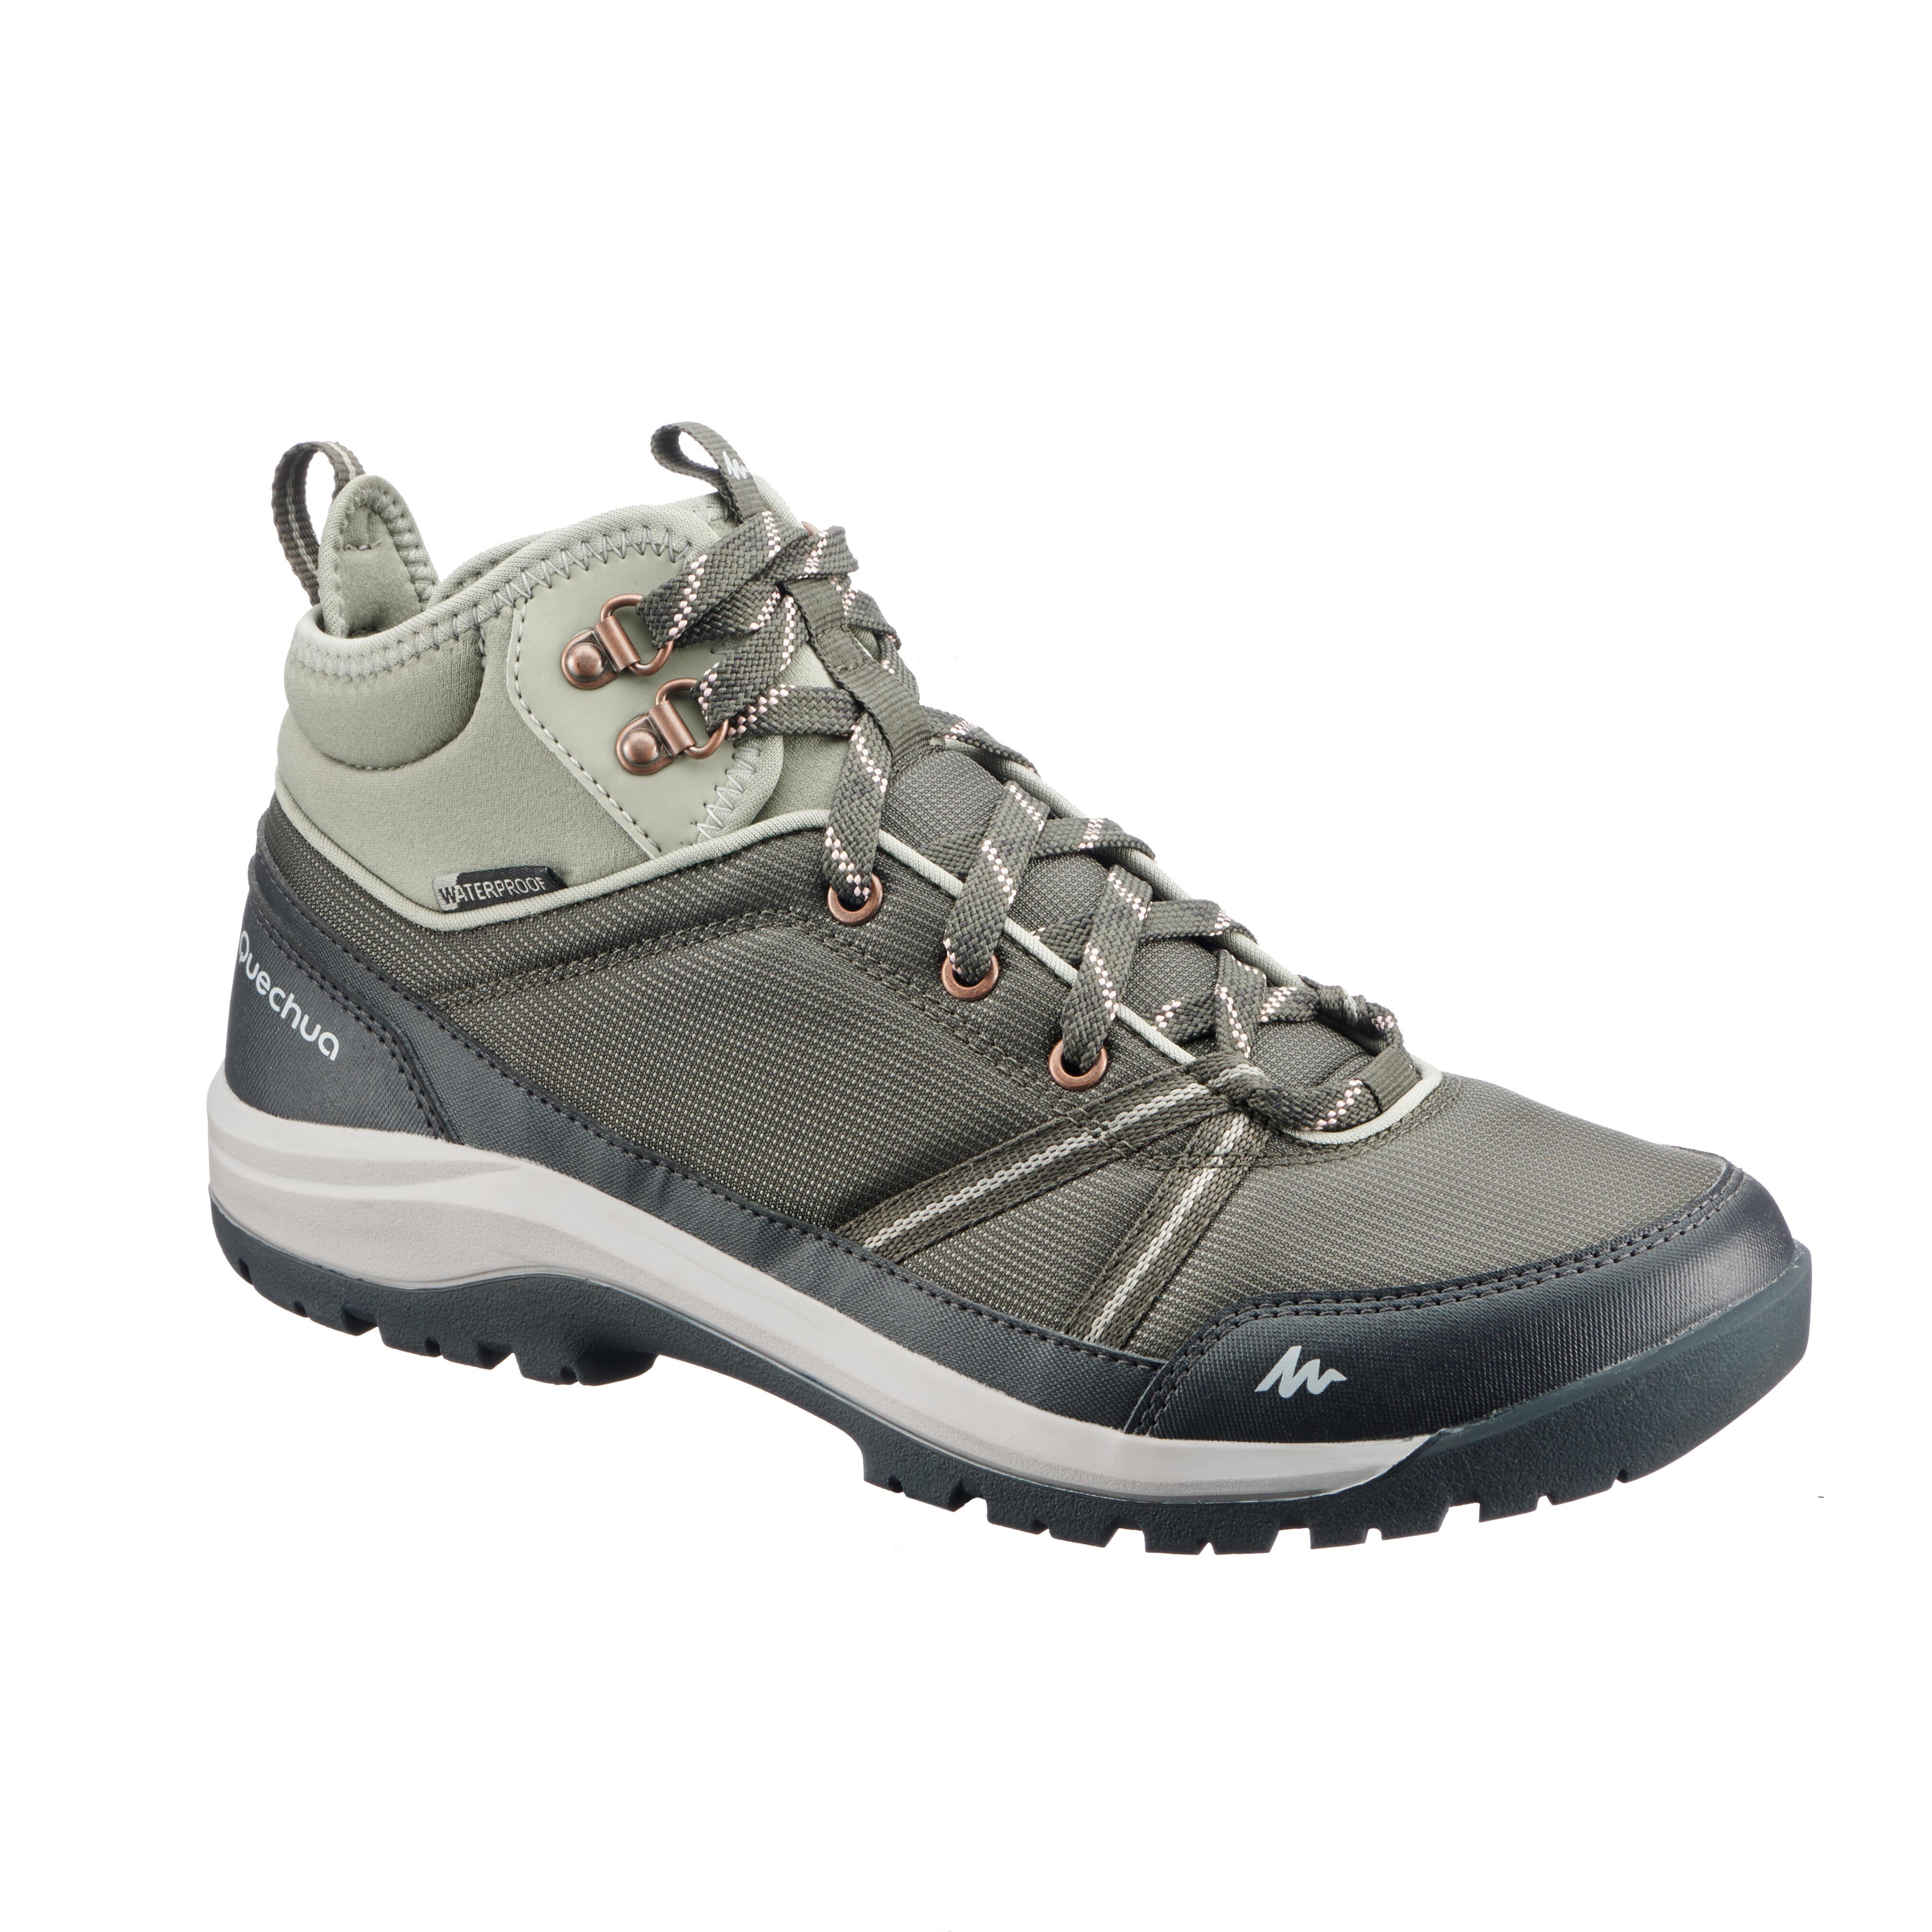 Comprar Botas de Montaña y Trekking  93ebb55d946